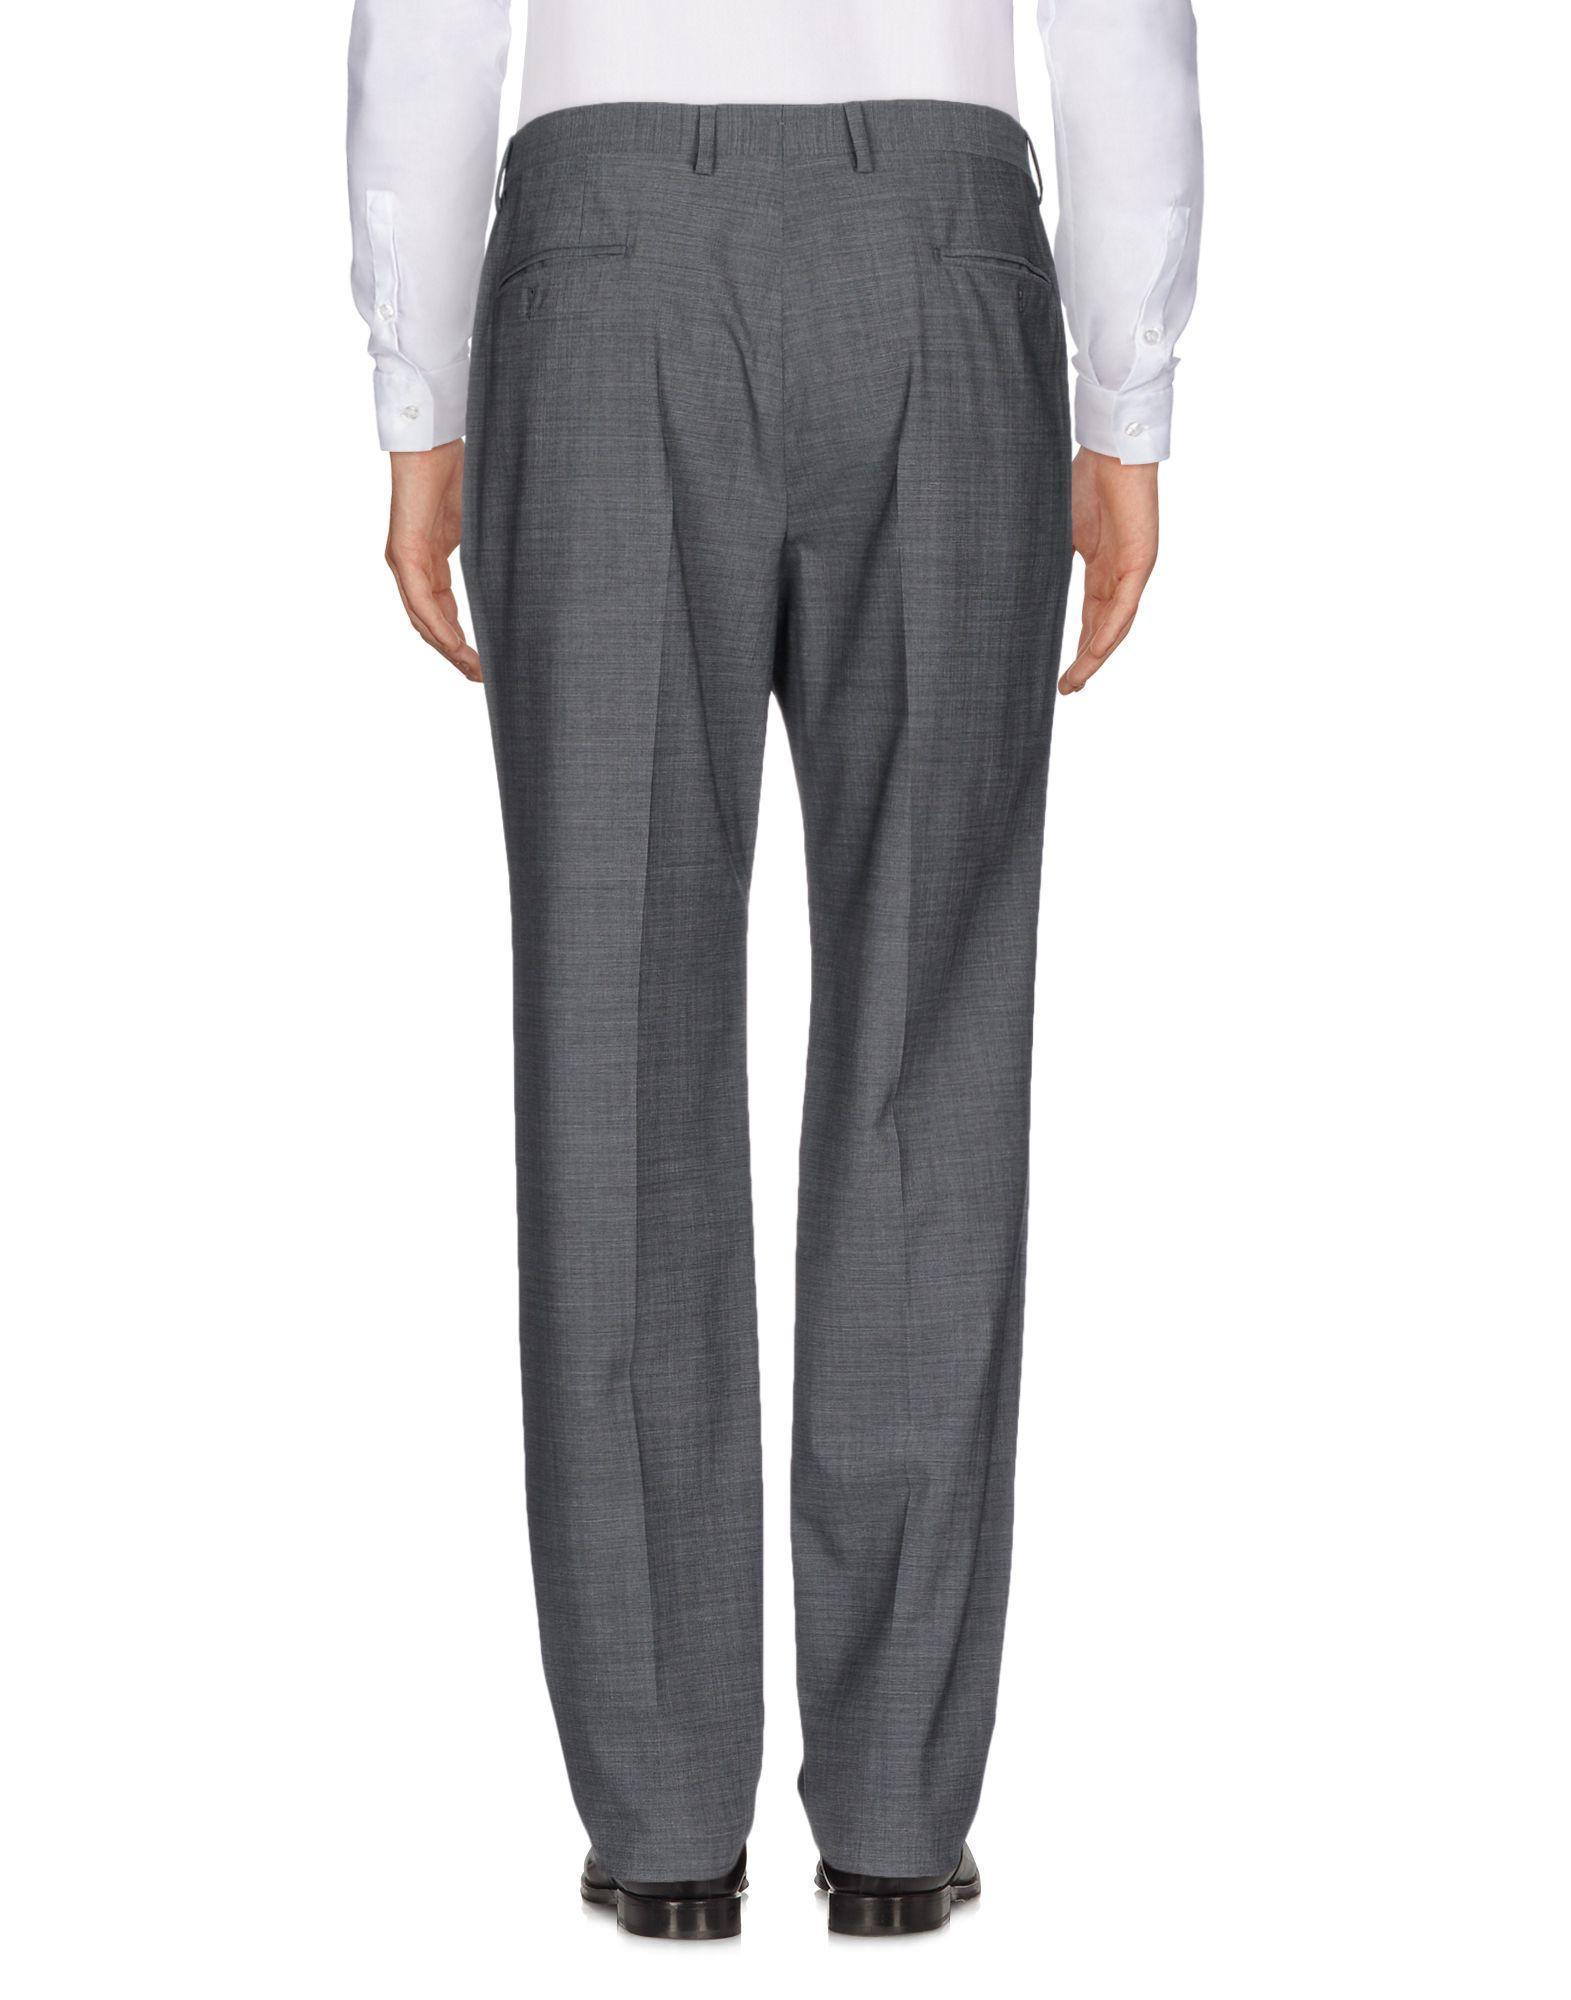 Lardini Wool Casual Trouser in Lead (Grey) for Men